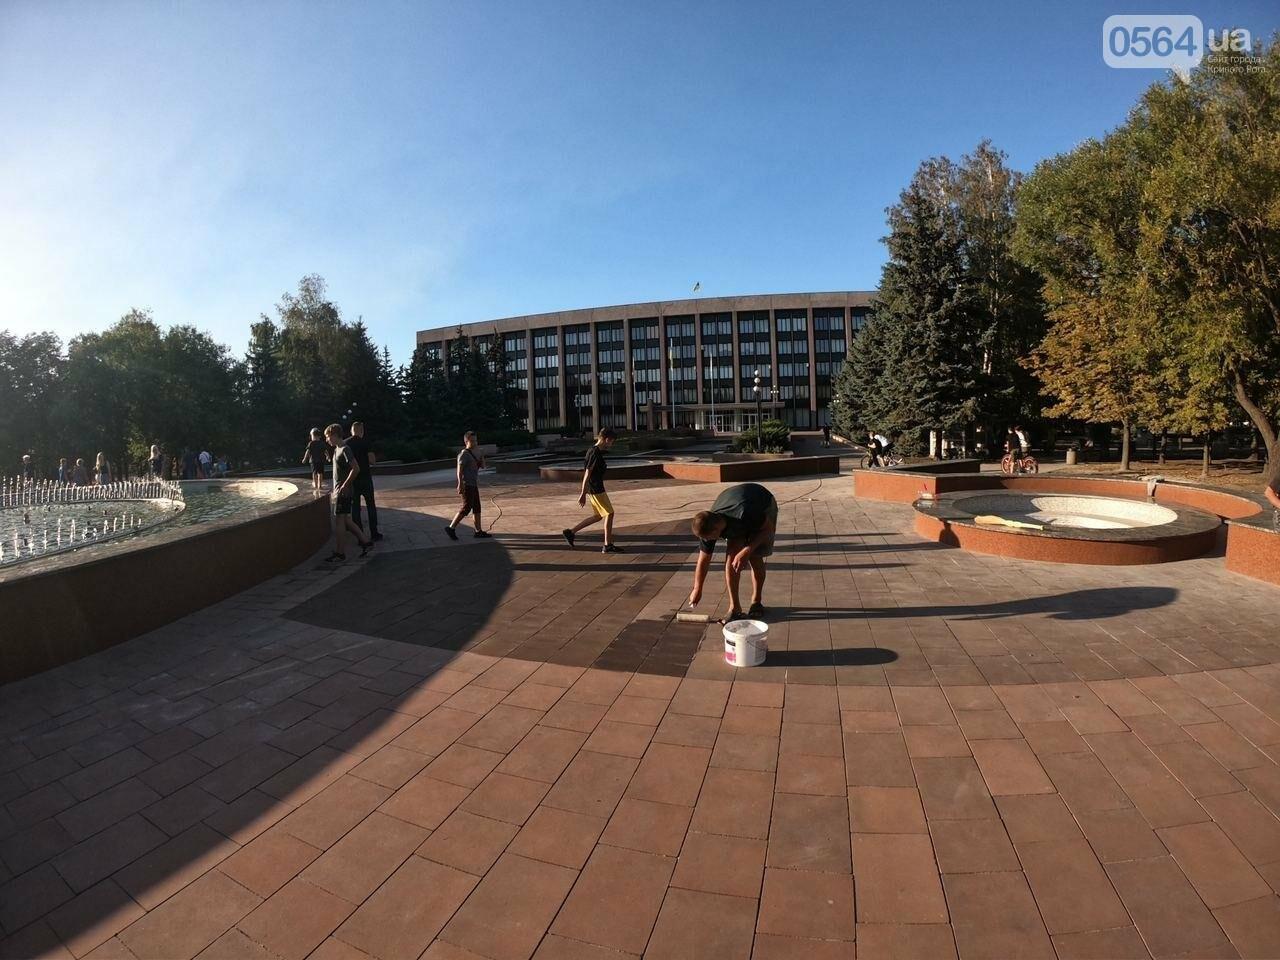 В Кривом Роге включили фонтан перед мэрией, - ФОТО, ВИДЕО , фото-23